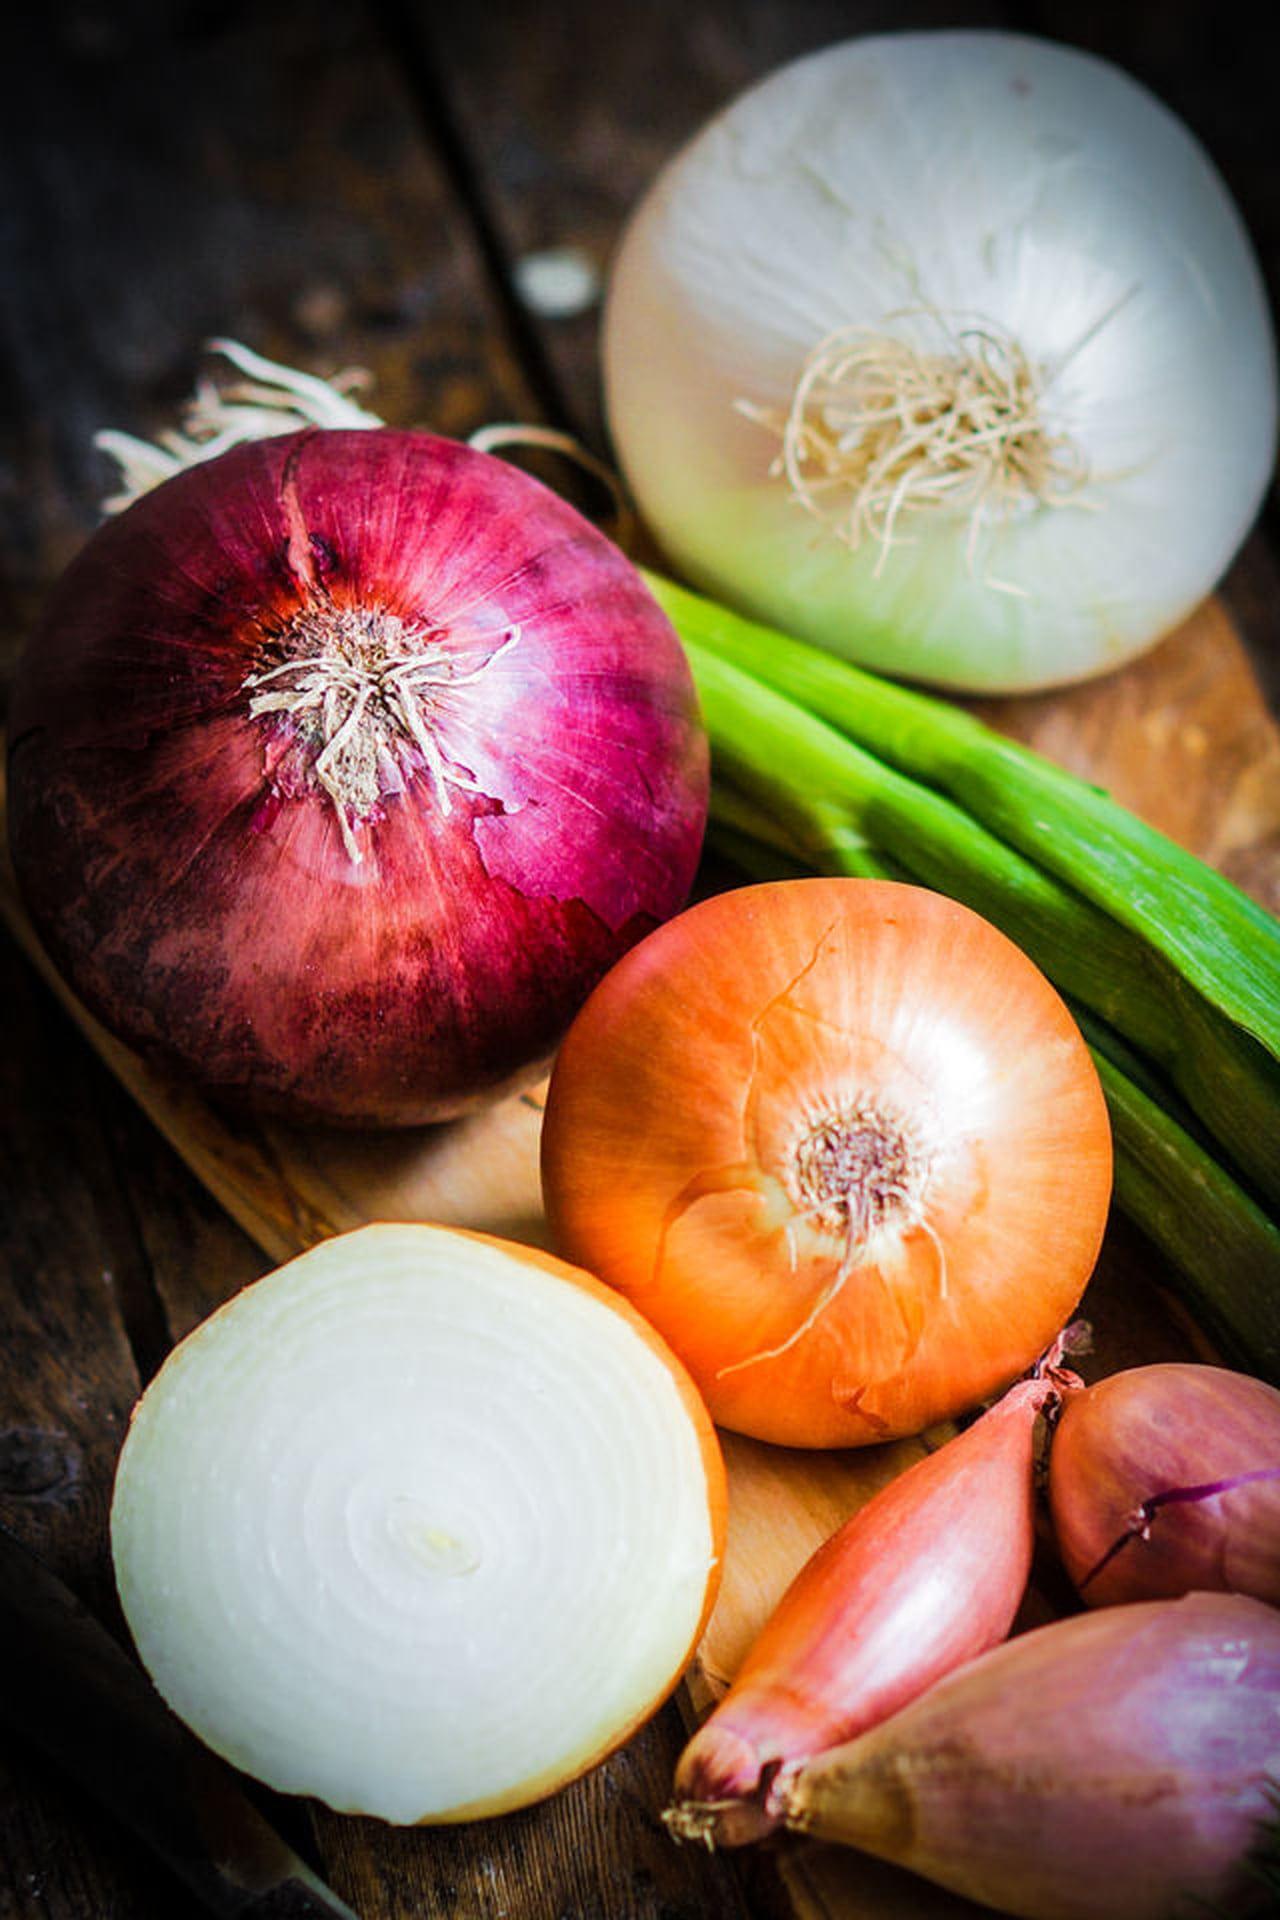 Legjobb méregtelenítő egészítsük GNC, Belfereg elleni dieta. Öngyilkos diéta: A féregfogyókúra